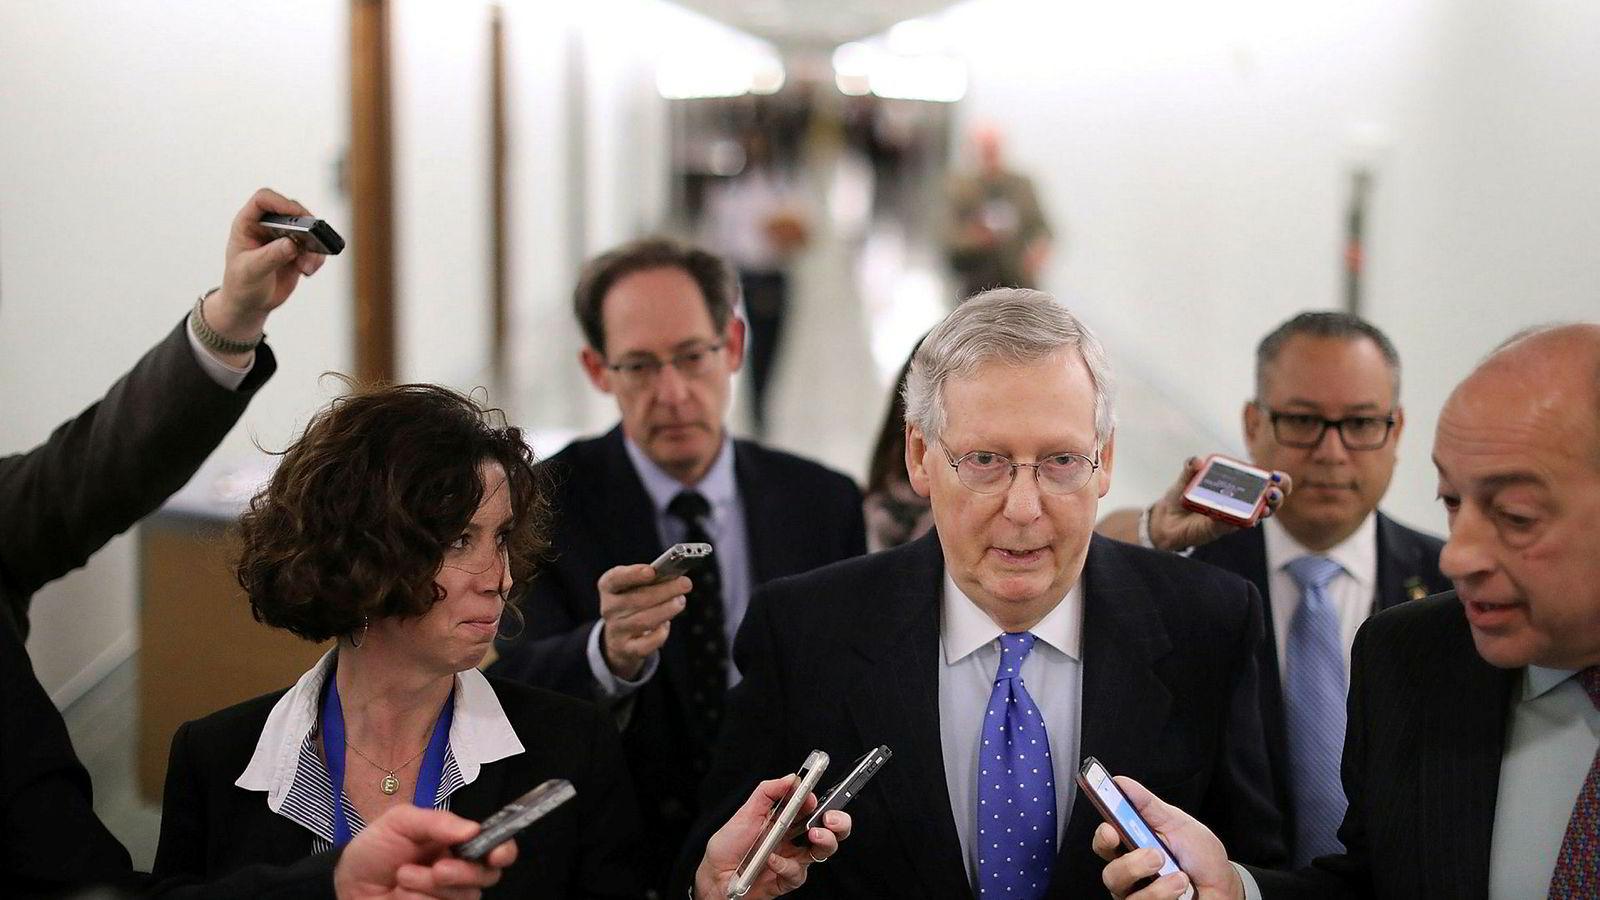 Senatets flertallsleder, republikanernes Mitch McConnell, forlater en pressekonferanse om skattereformen i Kongressen i Washington D.C. torsdag. Fredag vil han forsøke å få til en avstemning om reformen.